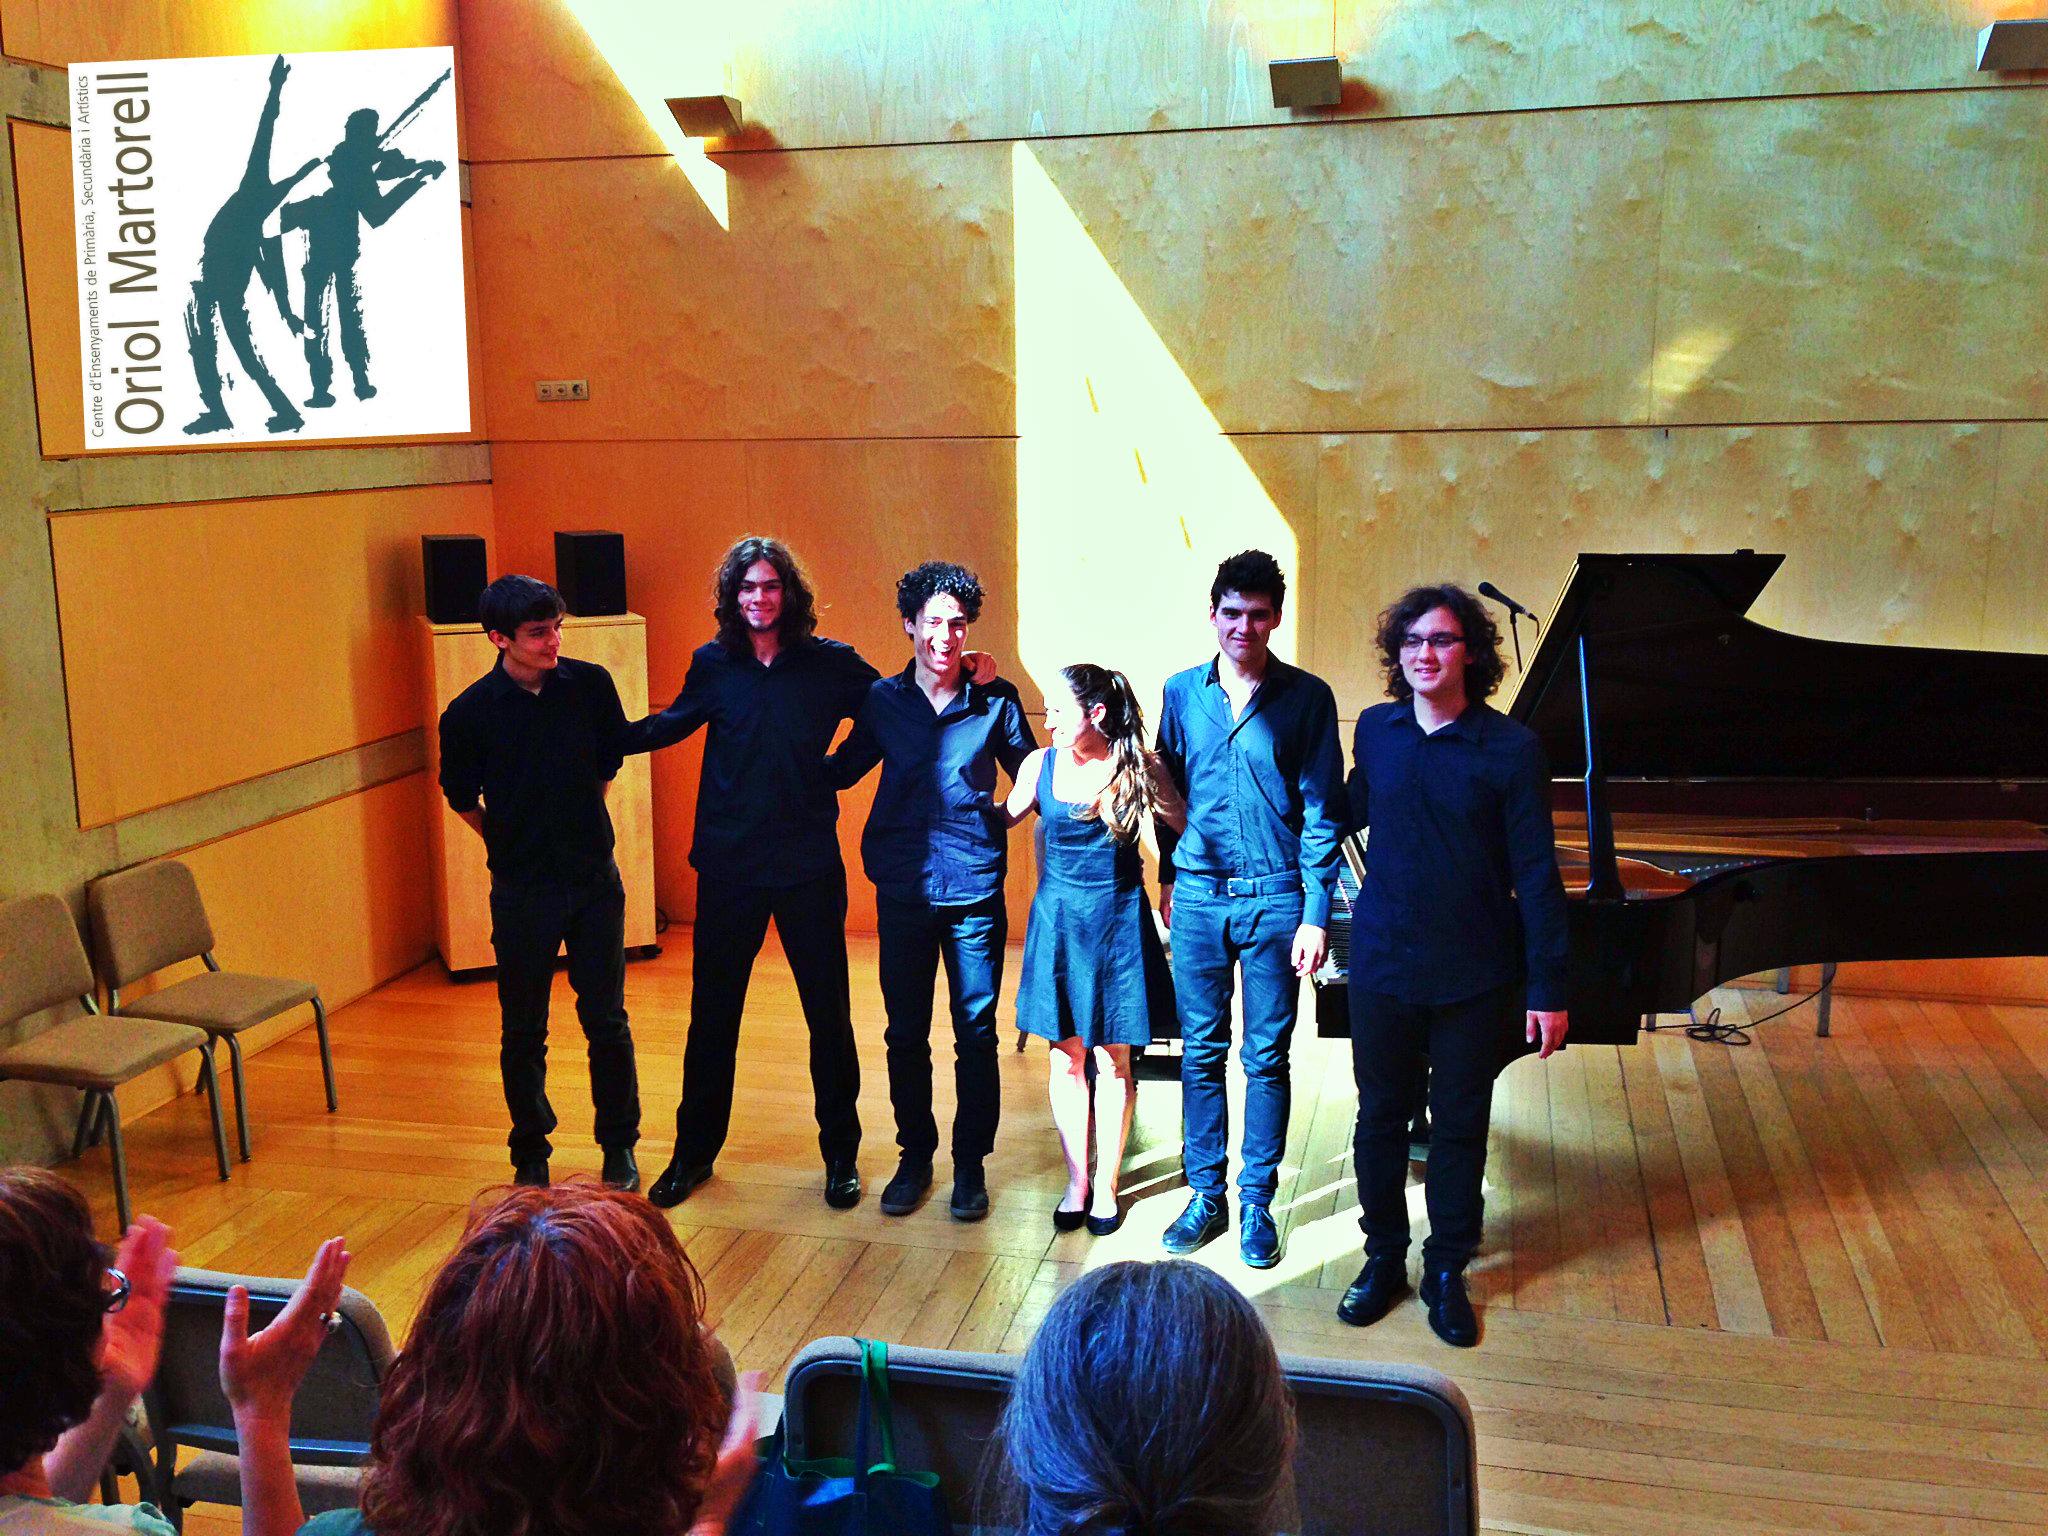 concertpiano_esmuc